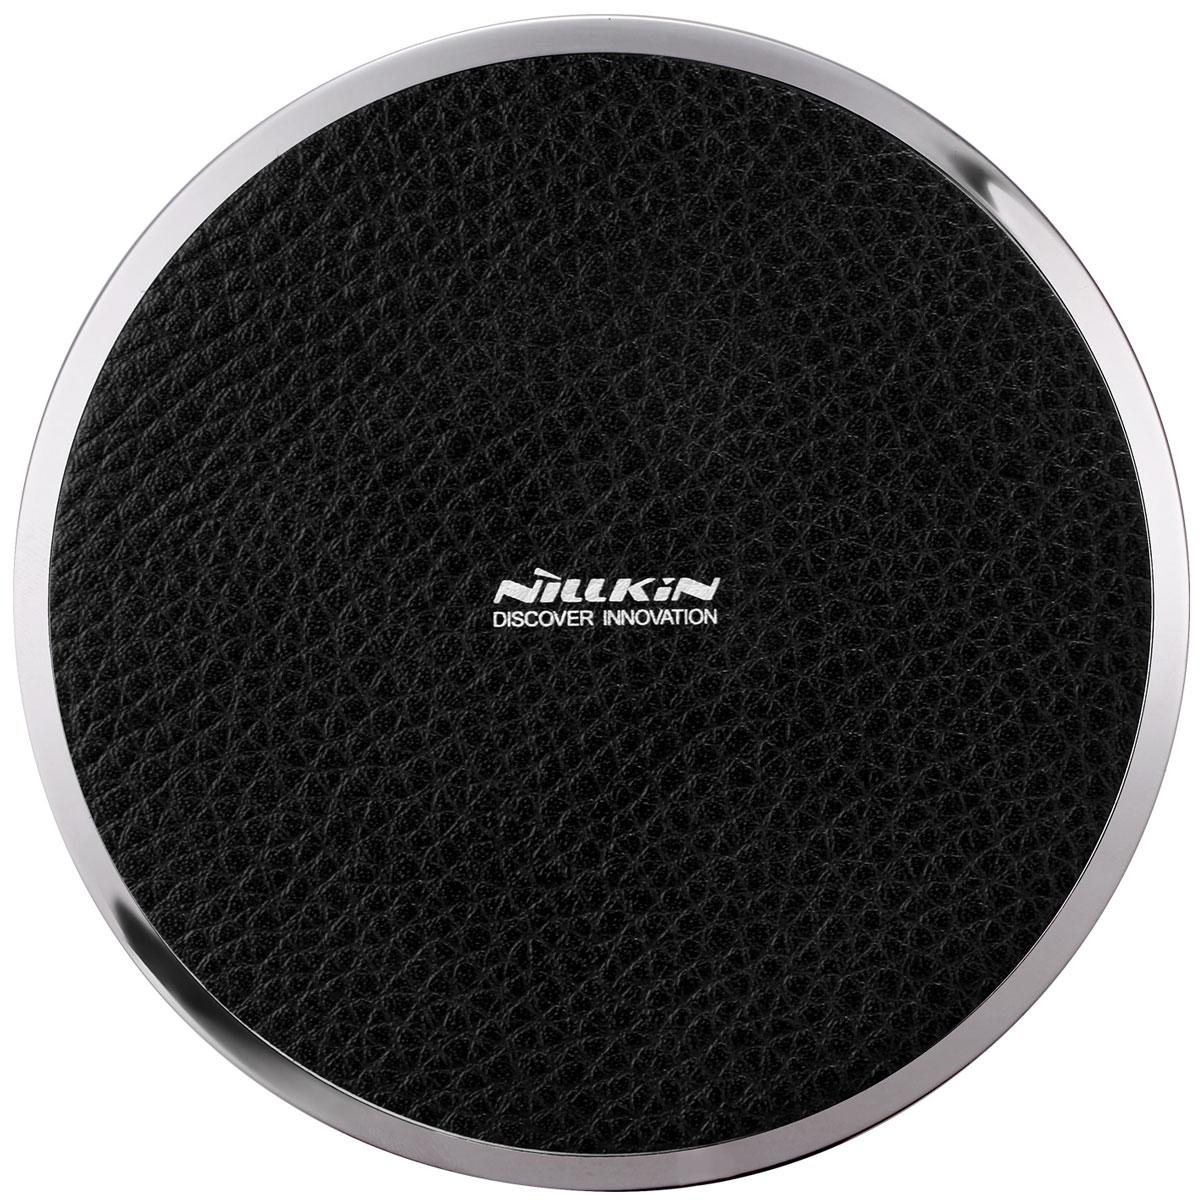 Nillkin Magic Disk III Wireless Charger, Black беспроводное зарядное устройство2000000108445Magic Disk III не просто обновлен, он сделан заново! Усовершенствованная технология передачи энергии представляет новую эру в развитии беспроводных зарядных устройств. Устройство с более эффективной зарядкой вашего гаджета, которое имеет несколько уровней защиты. Тем самым предлагая вам, интеллектуальное, быстрое и безопасное использование.Современный внешний вид, ведь гаджет сочетает в себе металл и классическую PU кожу. Что придает зарядке в совокупности современный стиль с нотами классики. Этот аксессуар будет в пору в любом месте: на рабочем столе или дома. Если ваш смартфон поддерживает функцию быстрой зарядки, то Magic Disk III сможет сэкономить до 40% вашего времени. Теперь зарядка происходит быстрее и безопаснее. В тоже время, Magic Disk III подходит и для обычной зарядки, так как встроенный элемент или чехол принимает ровно столько, на сколько и рассчитан. Точнее, если ваш смартфон насчитан на прием 1А, то и заряжаться он будет с использованием 1А. В рабочем состоянии зарядка имеет приятную синюю подсветку. Также стоит учесть, что во включенном состоянии на зарядку нельзя класть металлические предметы, кроме телефона, а именно монеты, скрепки, кольца, сережки, ключи и другие вещи. Особенности:- при помощи устройства можно заряжать все девайсы, в которых предусмотрена технология QI;- максимальная дистанция для сохранения процесса зарядки - 6 мм;- аксессуар покрыт слоем искусственной кожи, которая уменьшает силу трения и предотвращает скольжение;- металлическая окантовка придает аксессуару дополнительную презентабельность;- синяя светодиодная подсветка позволит вам отыскать зарядное устройство даже в темноте;- размеры зарядного устройства - 105х105х14 мм;- напряжение на входе - 5V 1.5A, на выходе - 5V 1A;- зарядное устройство удобно брать, носить с собой благодаря его компактным размерам.